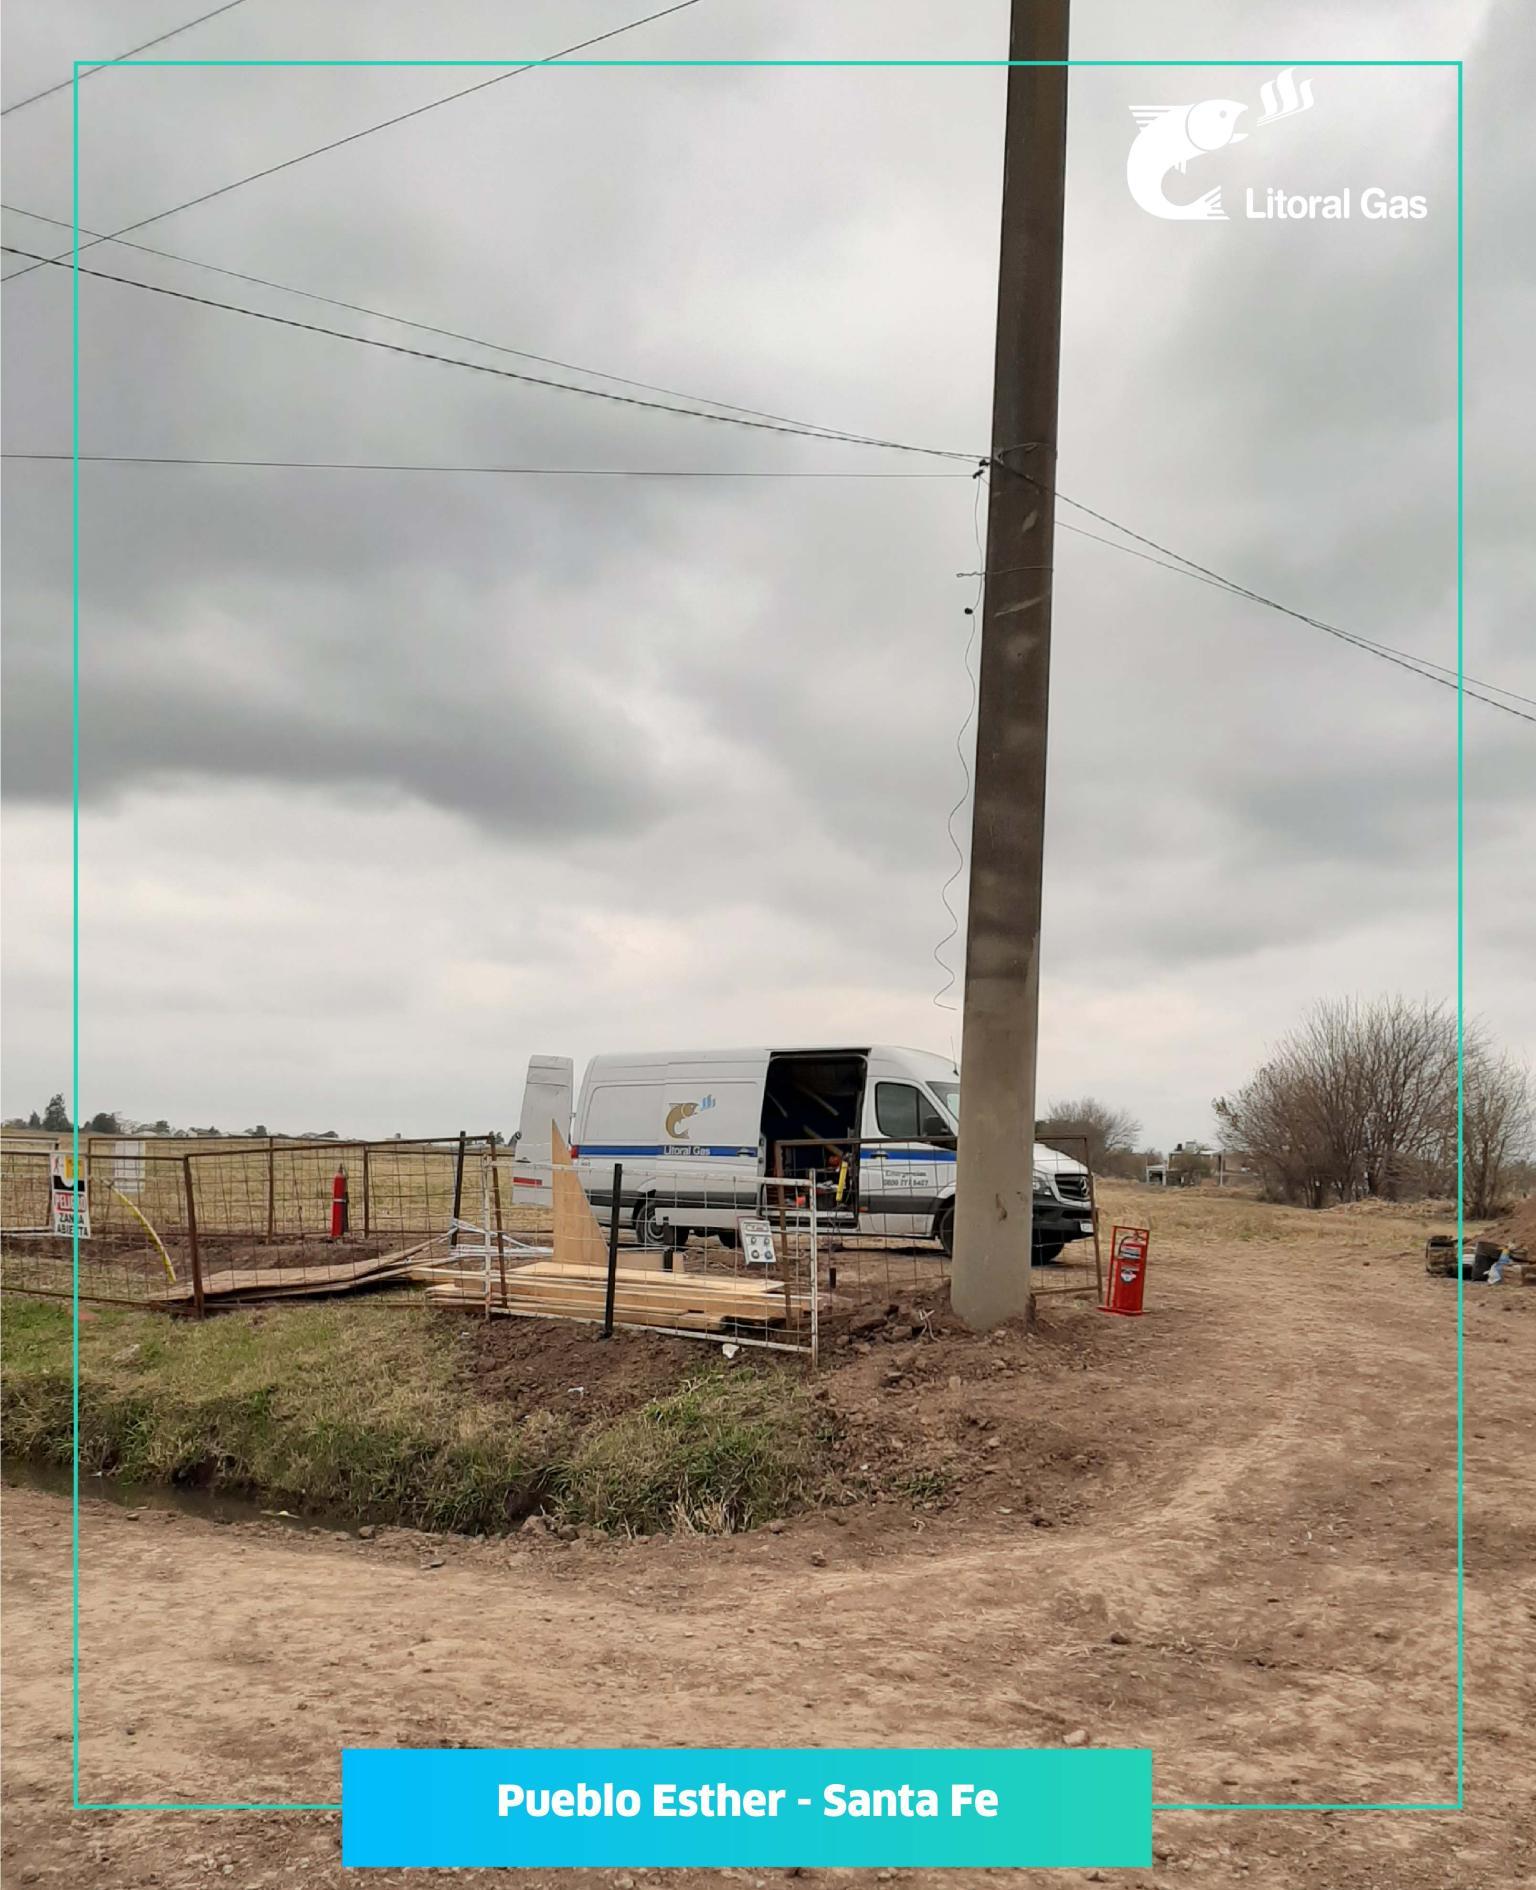 LITORAL GAS: Trabajos de ampliación de la red en Pueblo Esther, provincia de Santa Fe